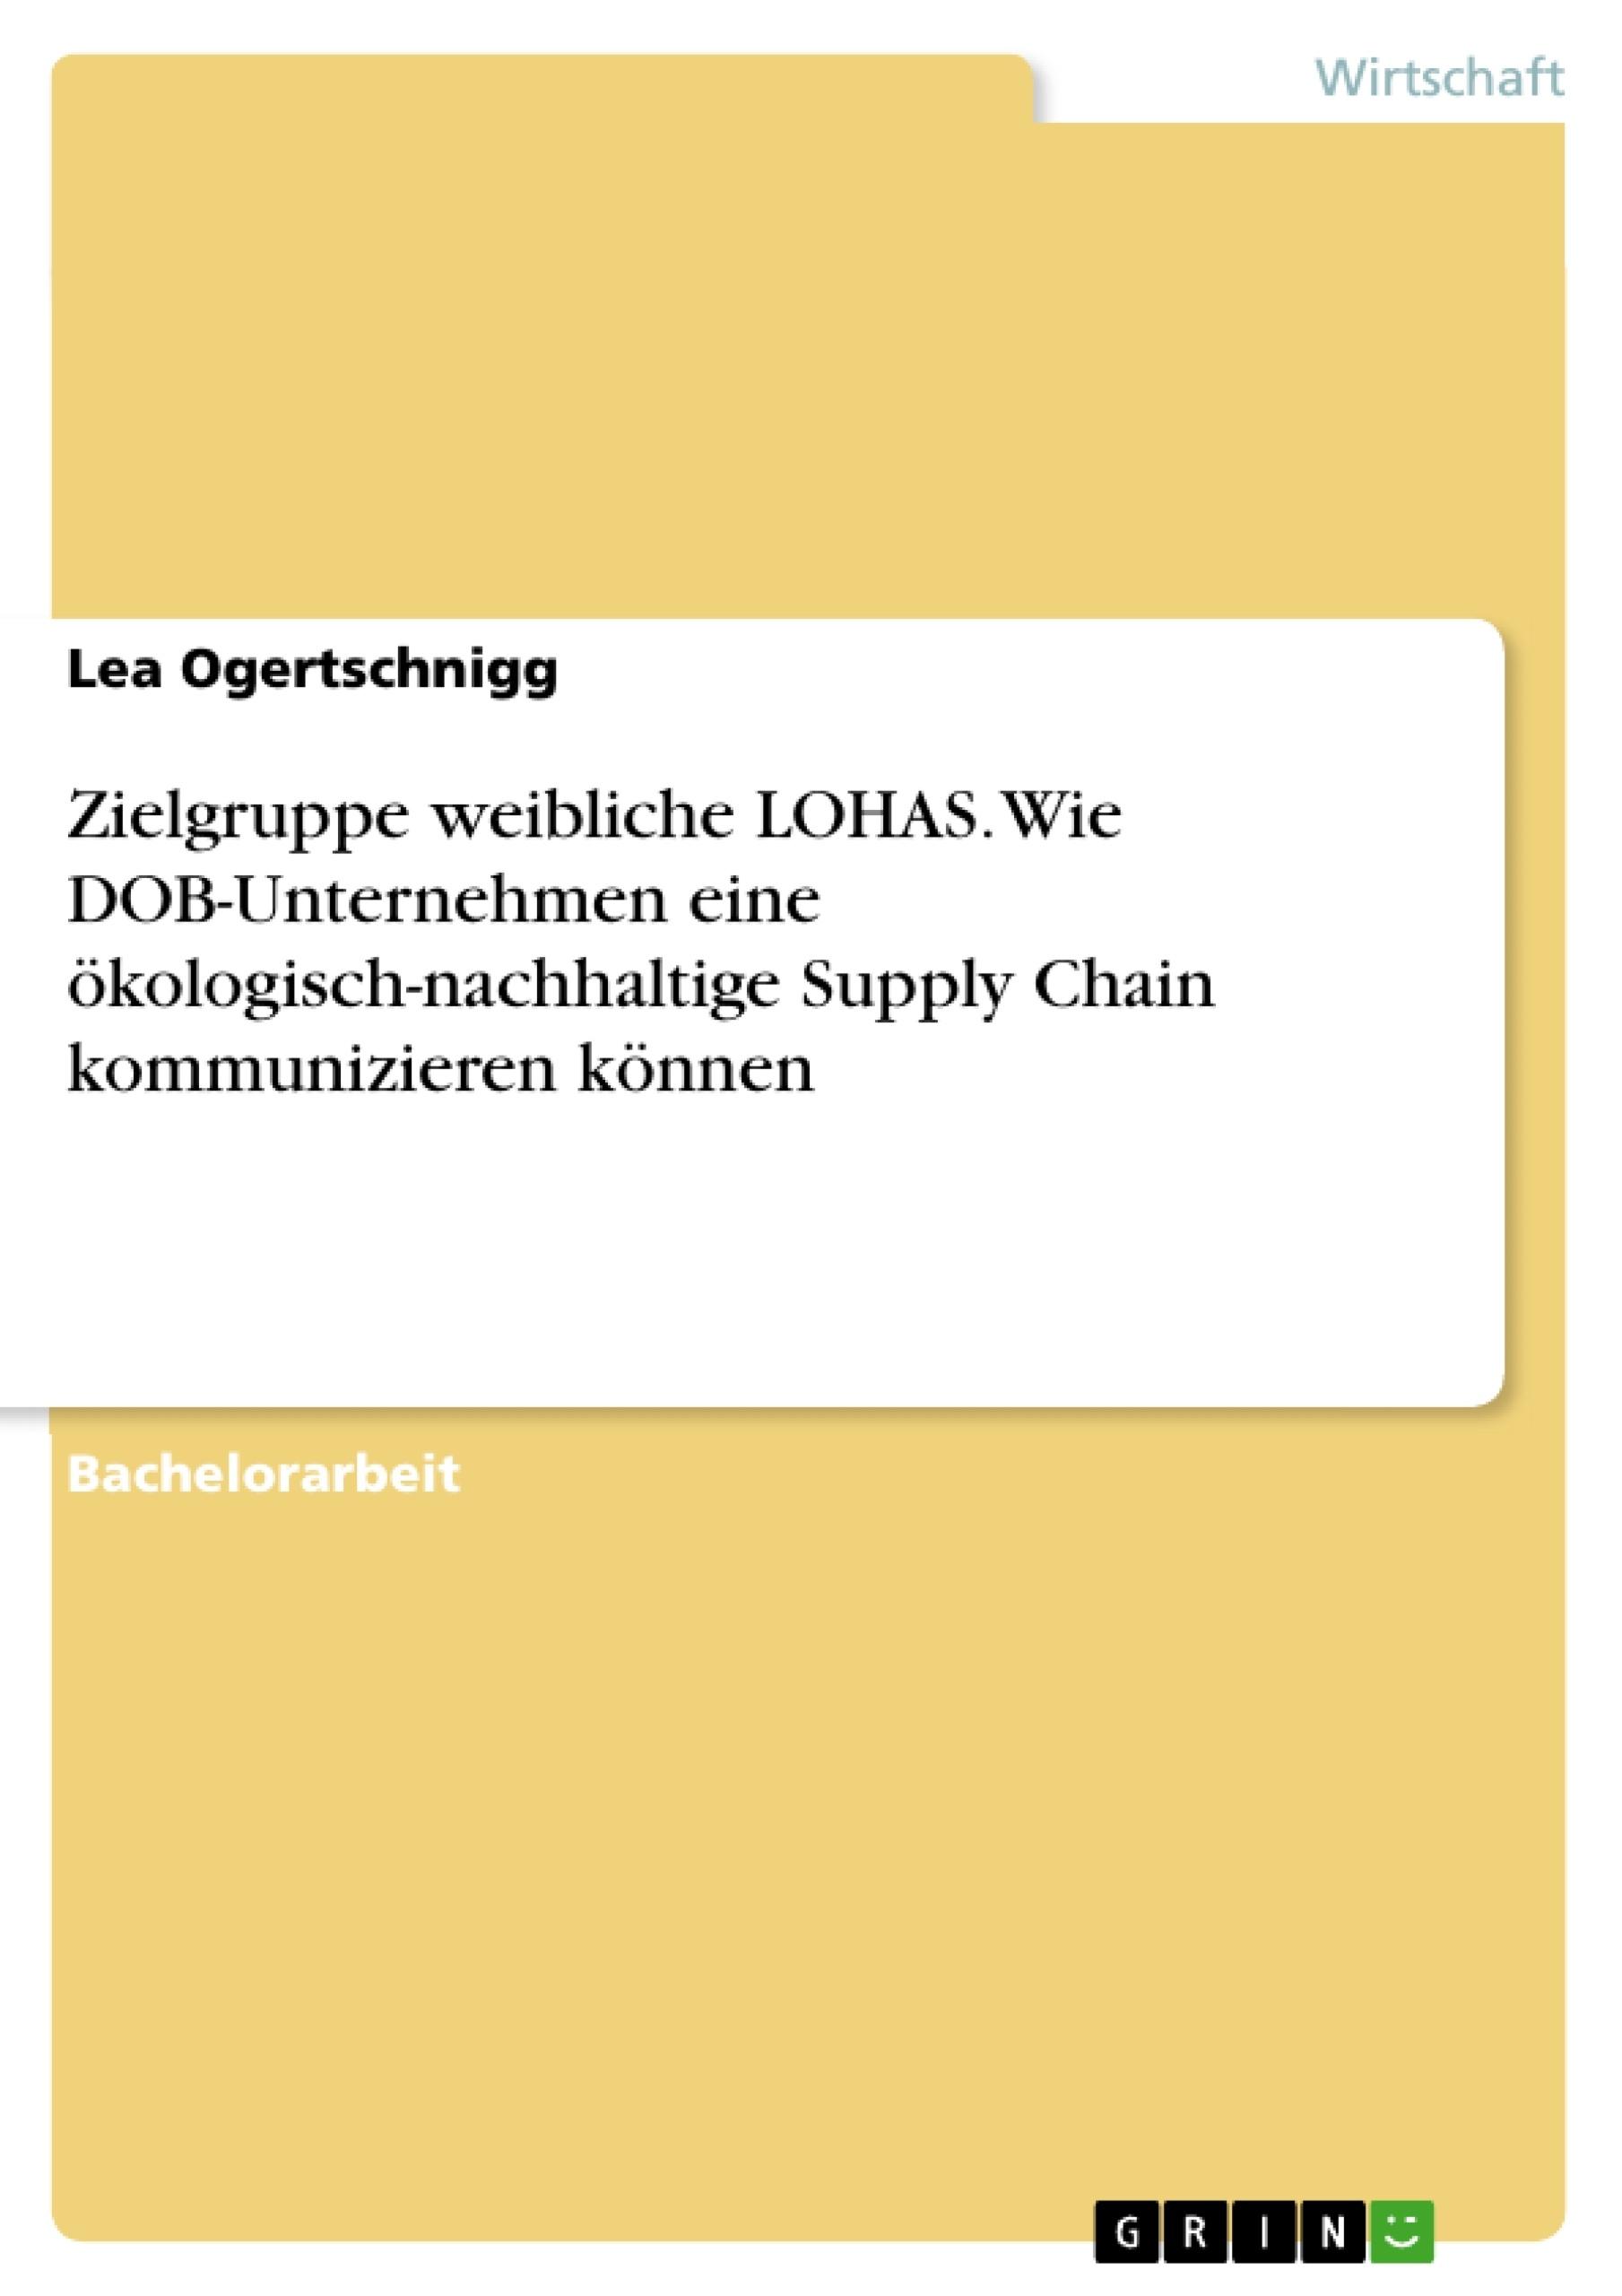 Titel: Zielgruppe weibliche LOHAS. Wie DOB-Unternehmen eine ökologisch-nachhaltige Supply Chain kommunizieren können